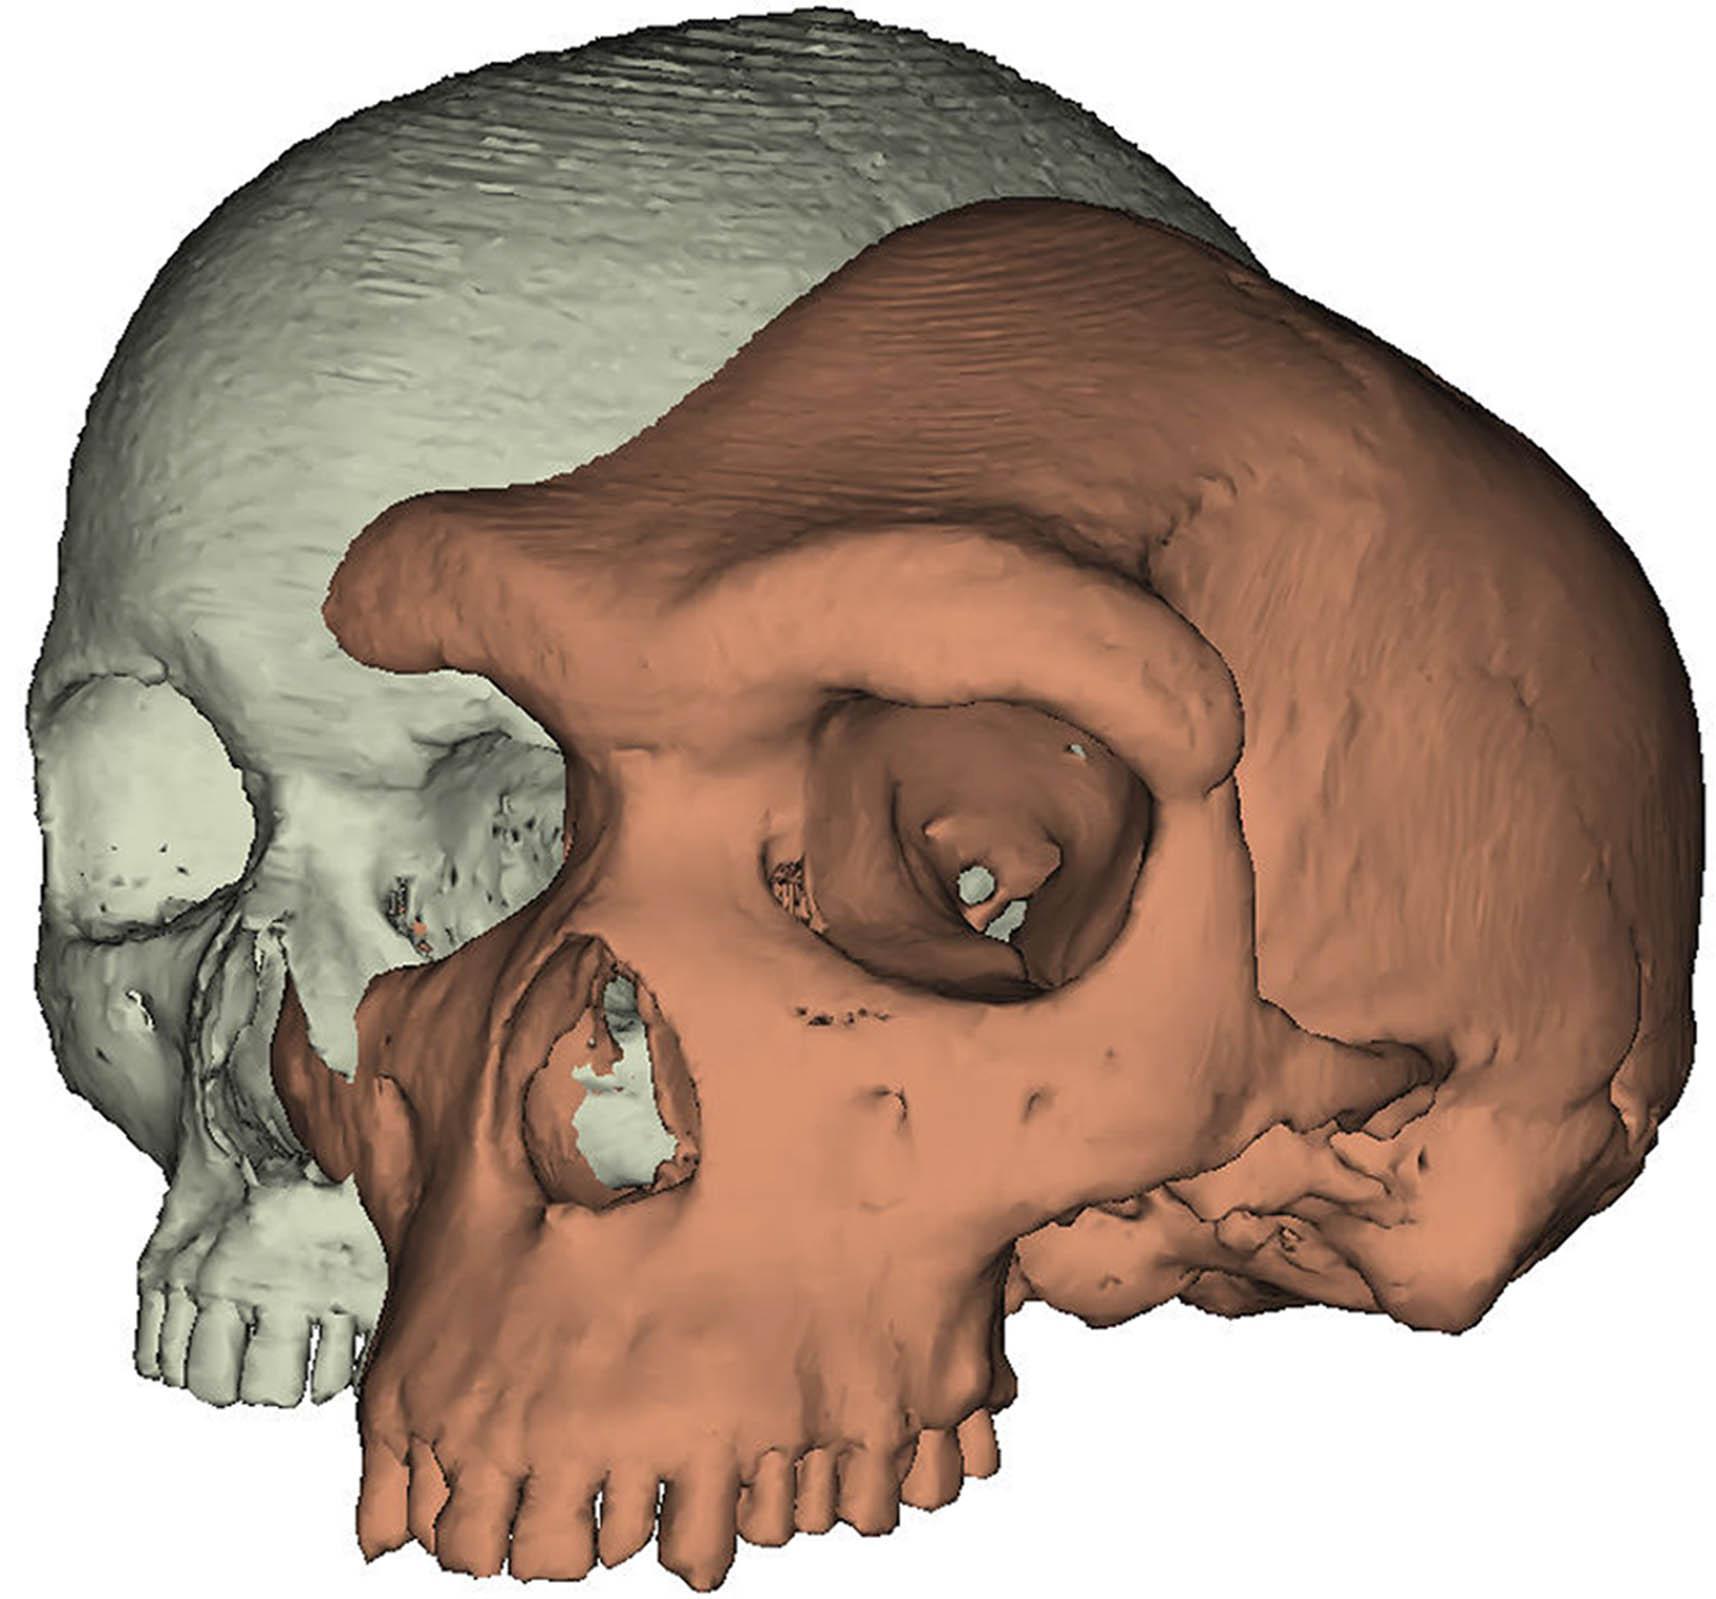 Эволюция «на бровях»: как форма лба помогла выжить людям и погубила неандертальцев